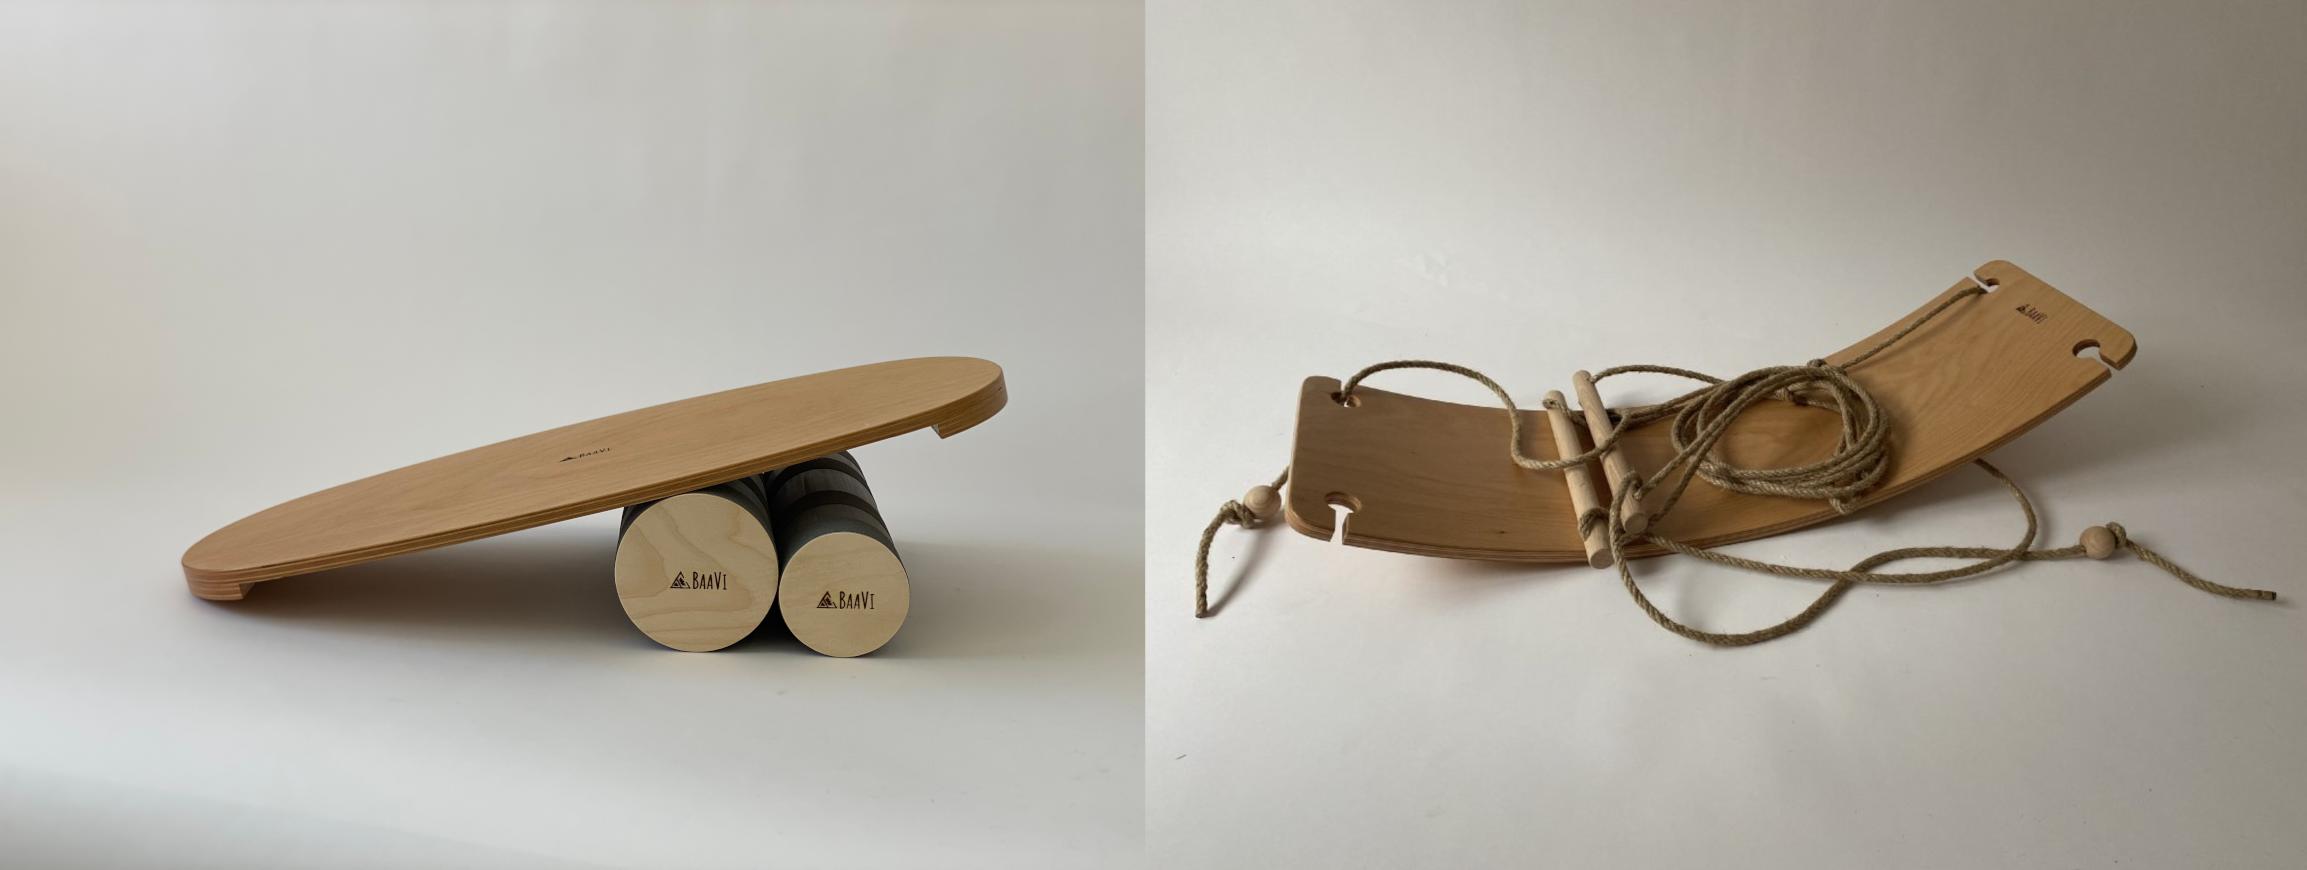 Balance / Wave Board